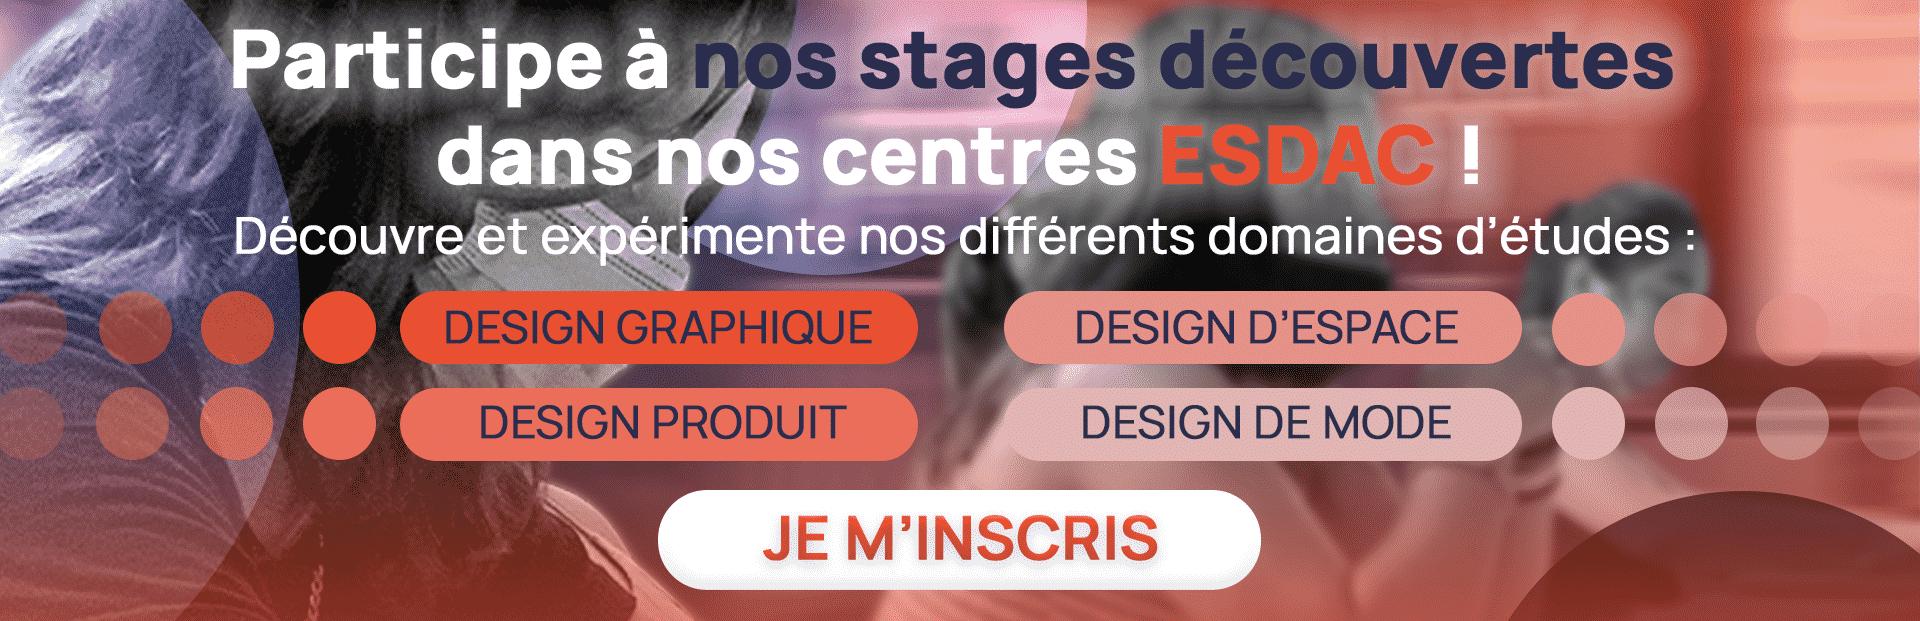 Stage découverte Dessin et design à l'école de design ESDAC